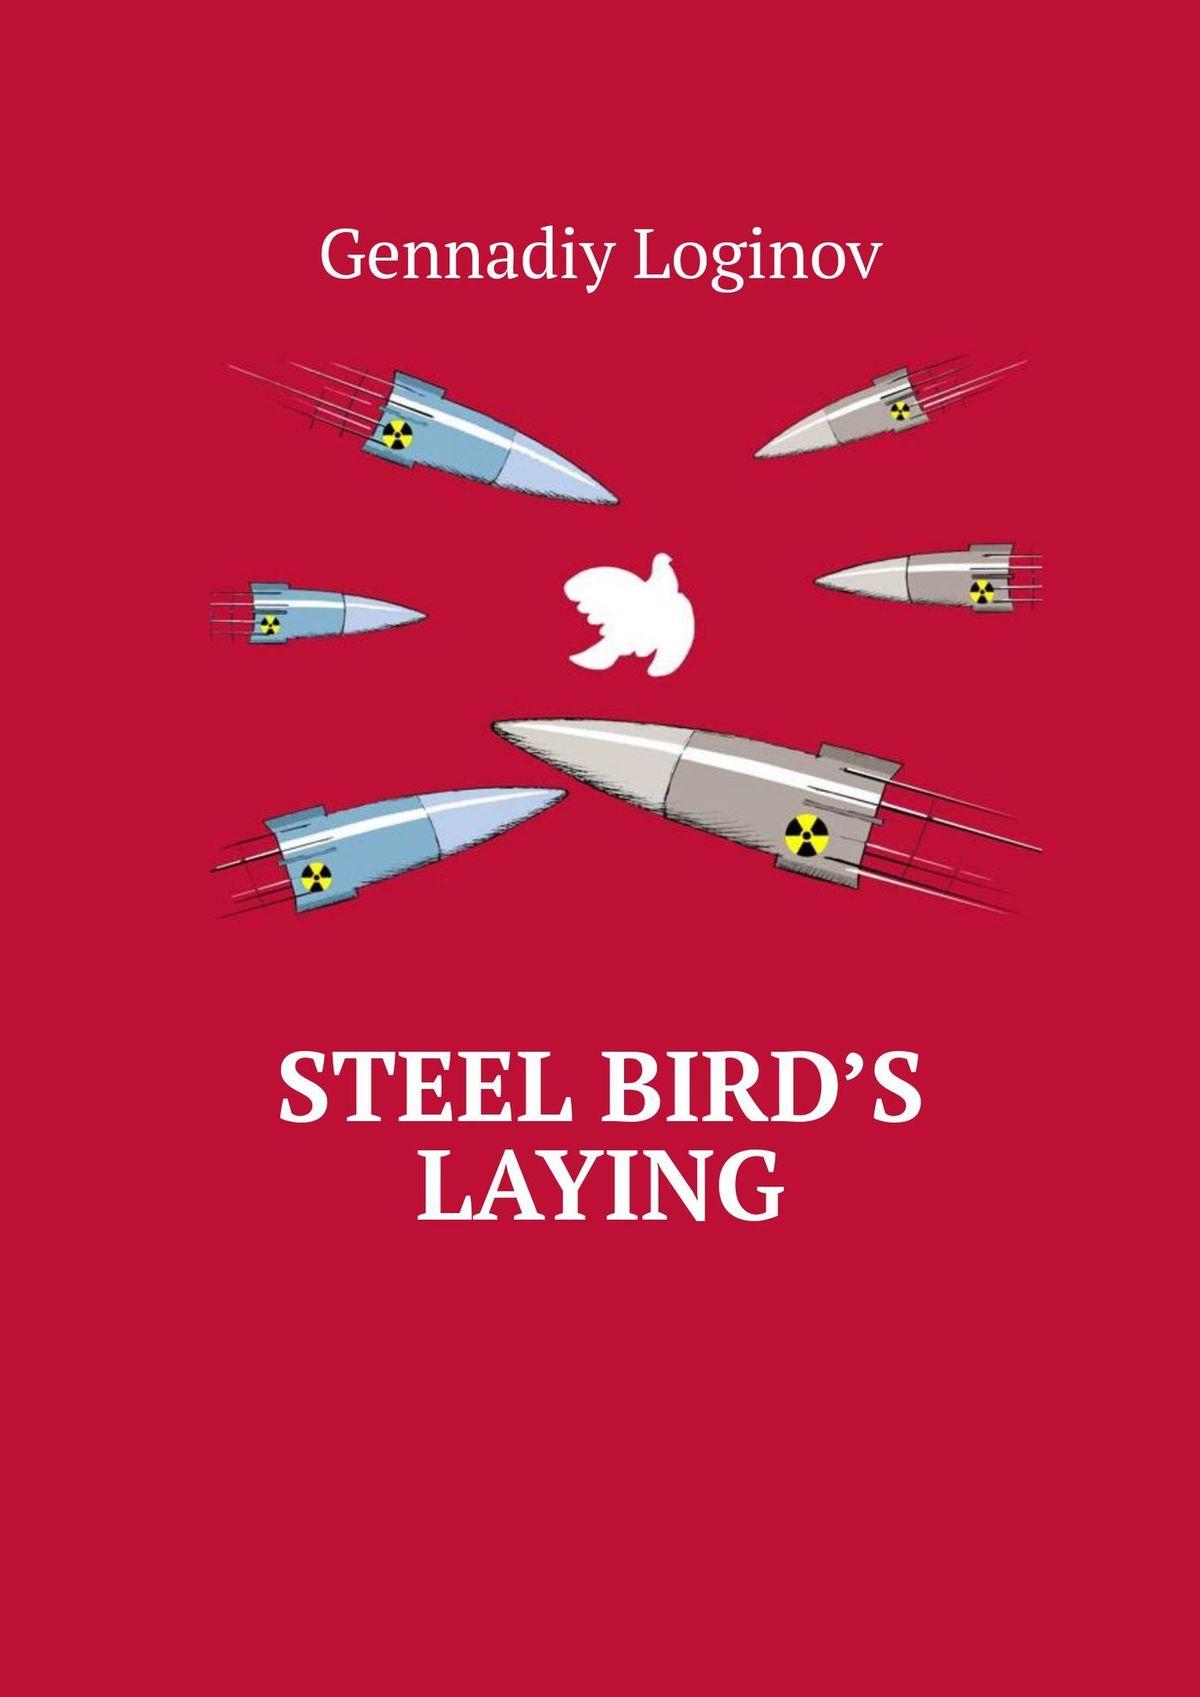 все цены на Gennadiy Loginov Steel Bird's Laying онлайн